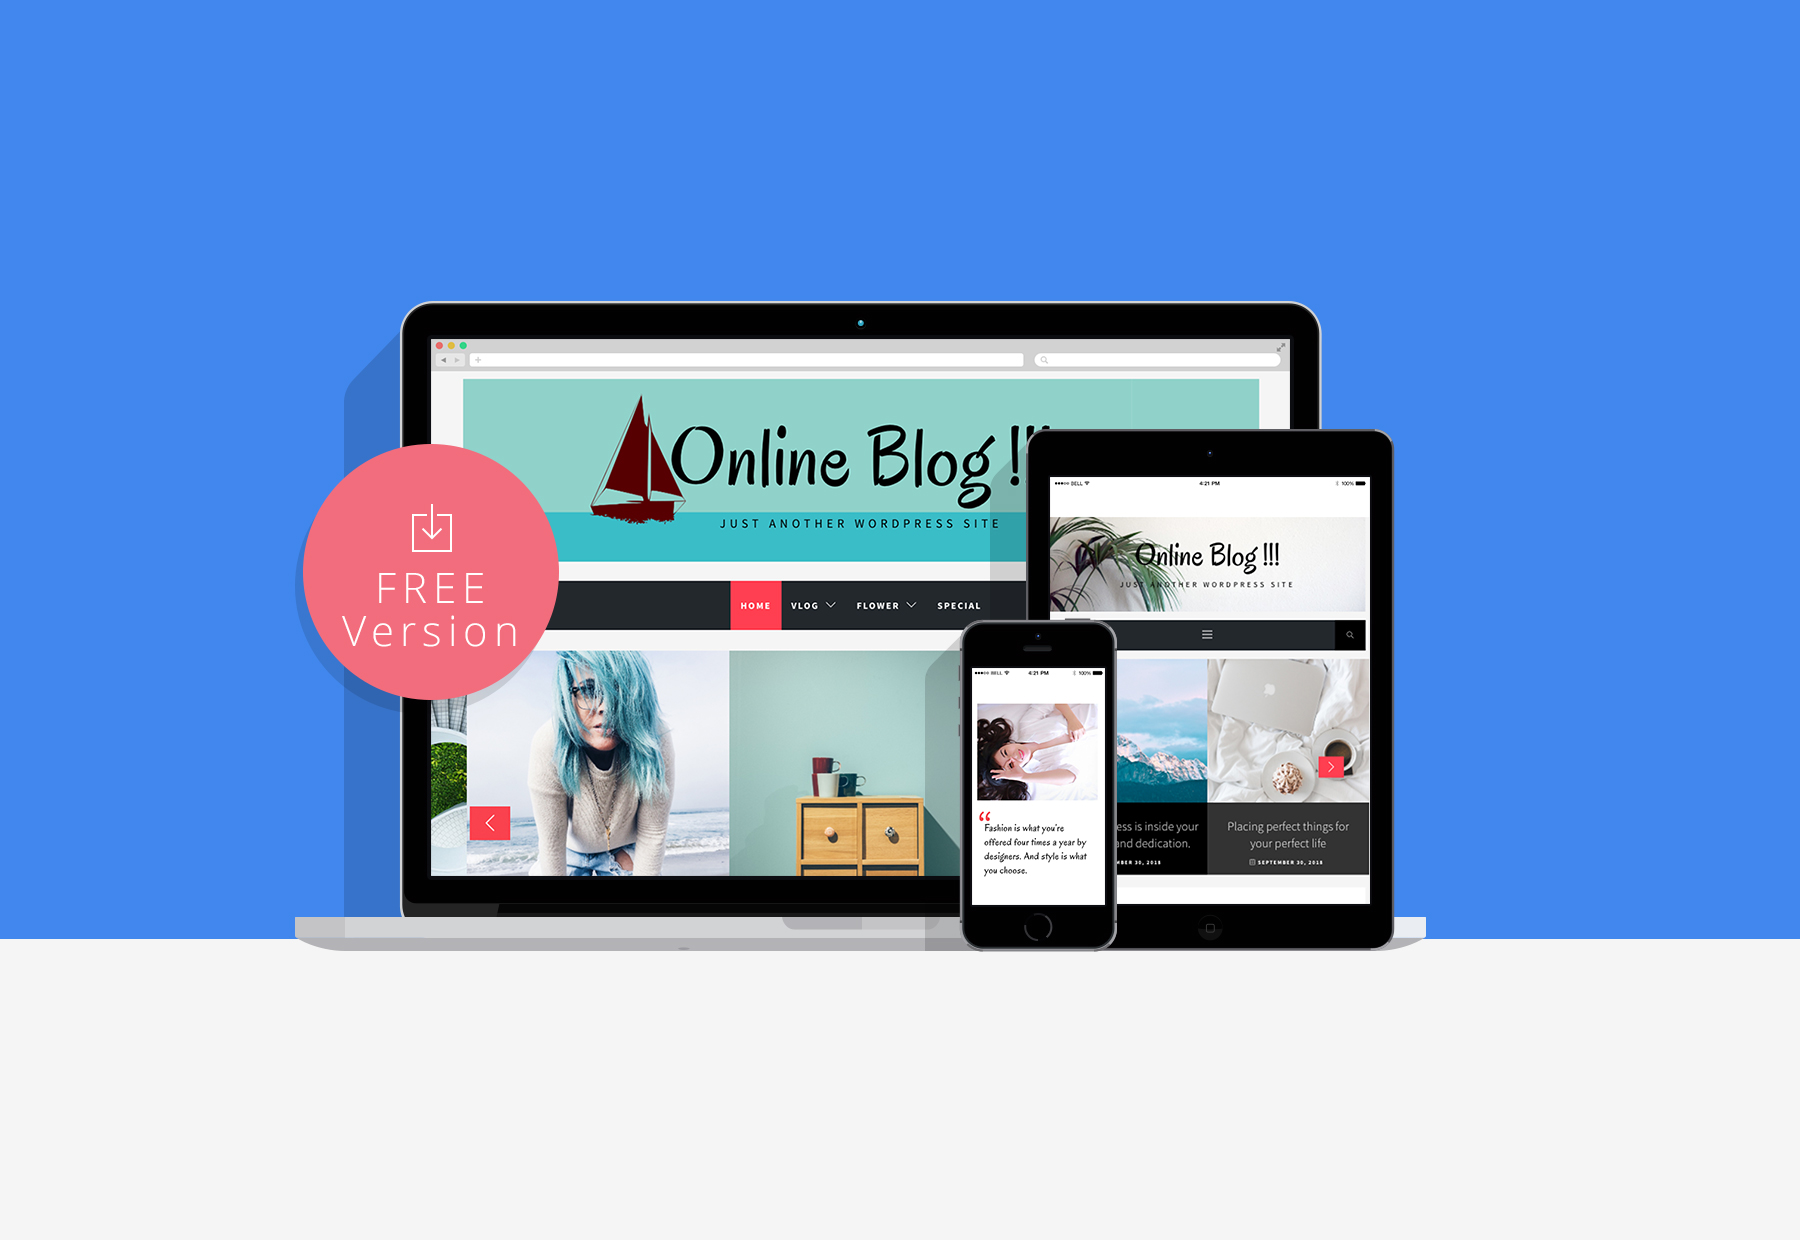 Online Blog Live Preview - Thememattic